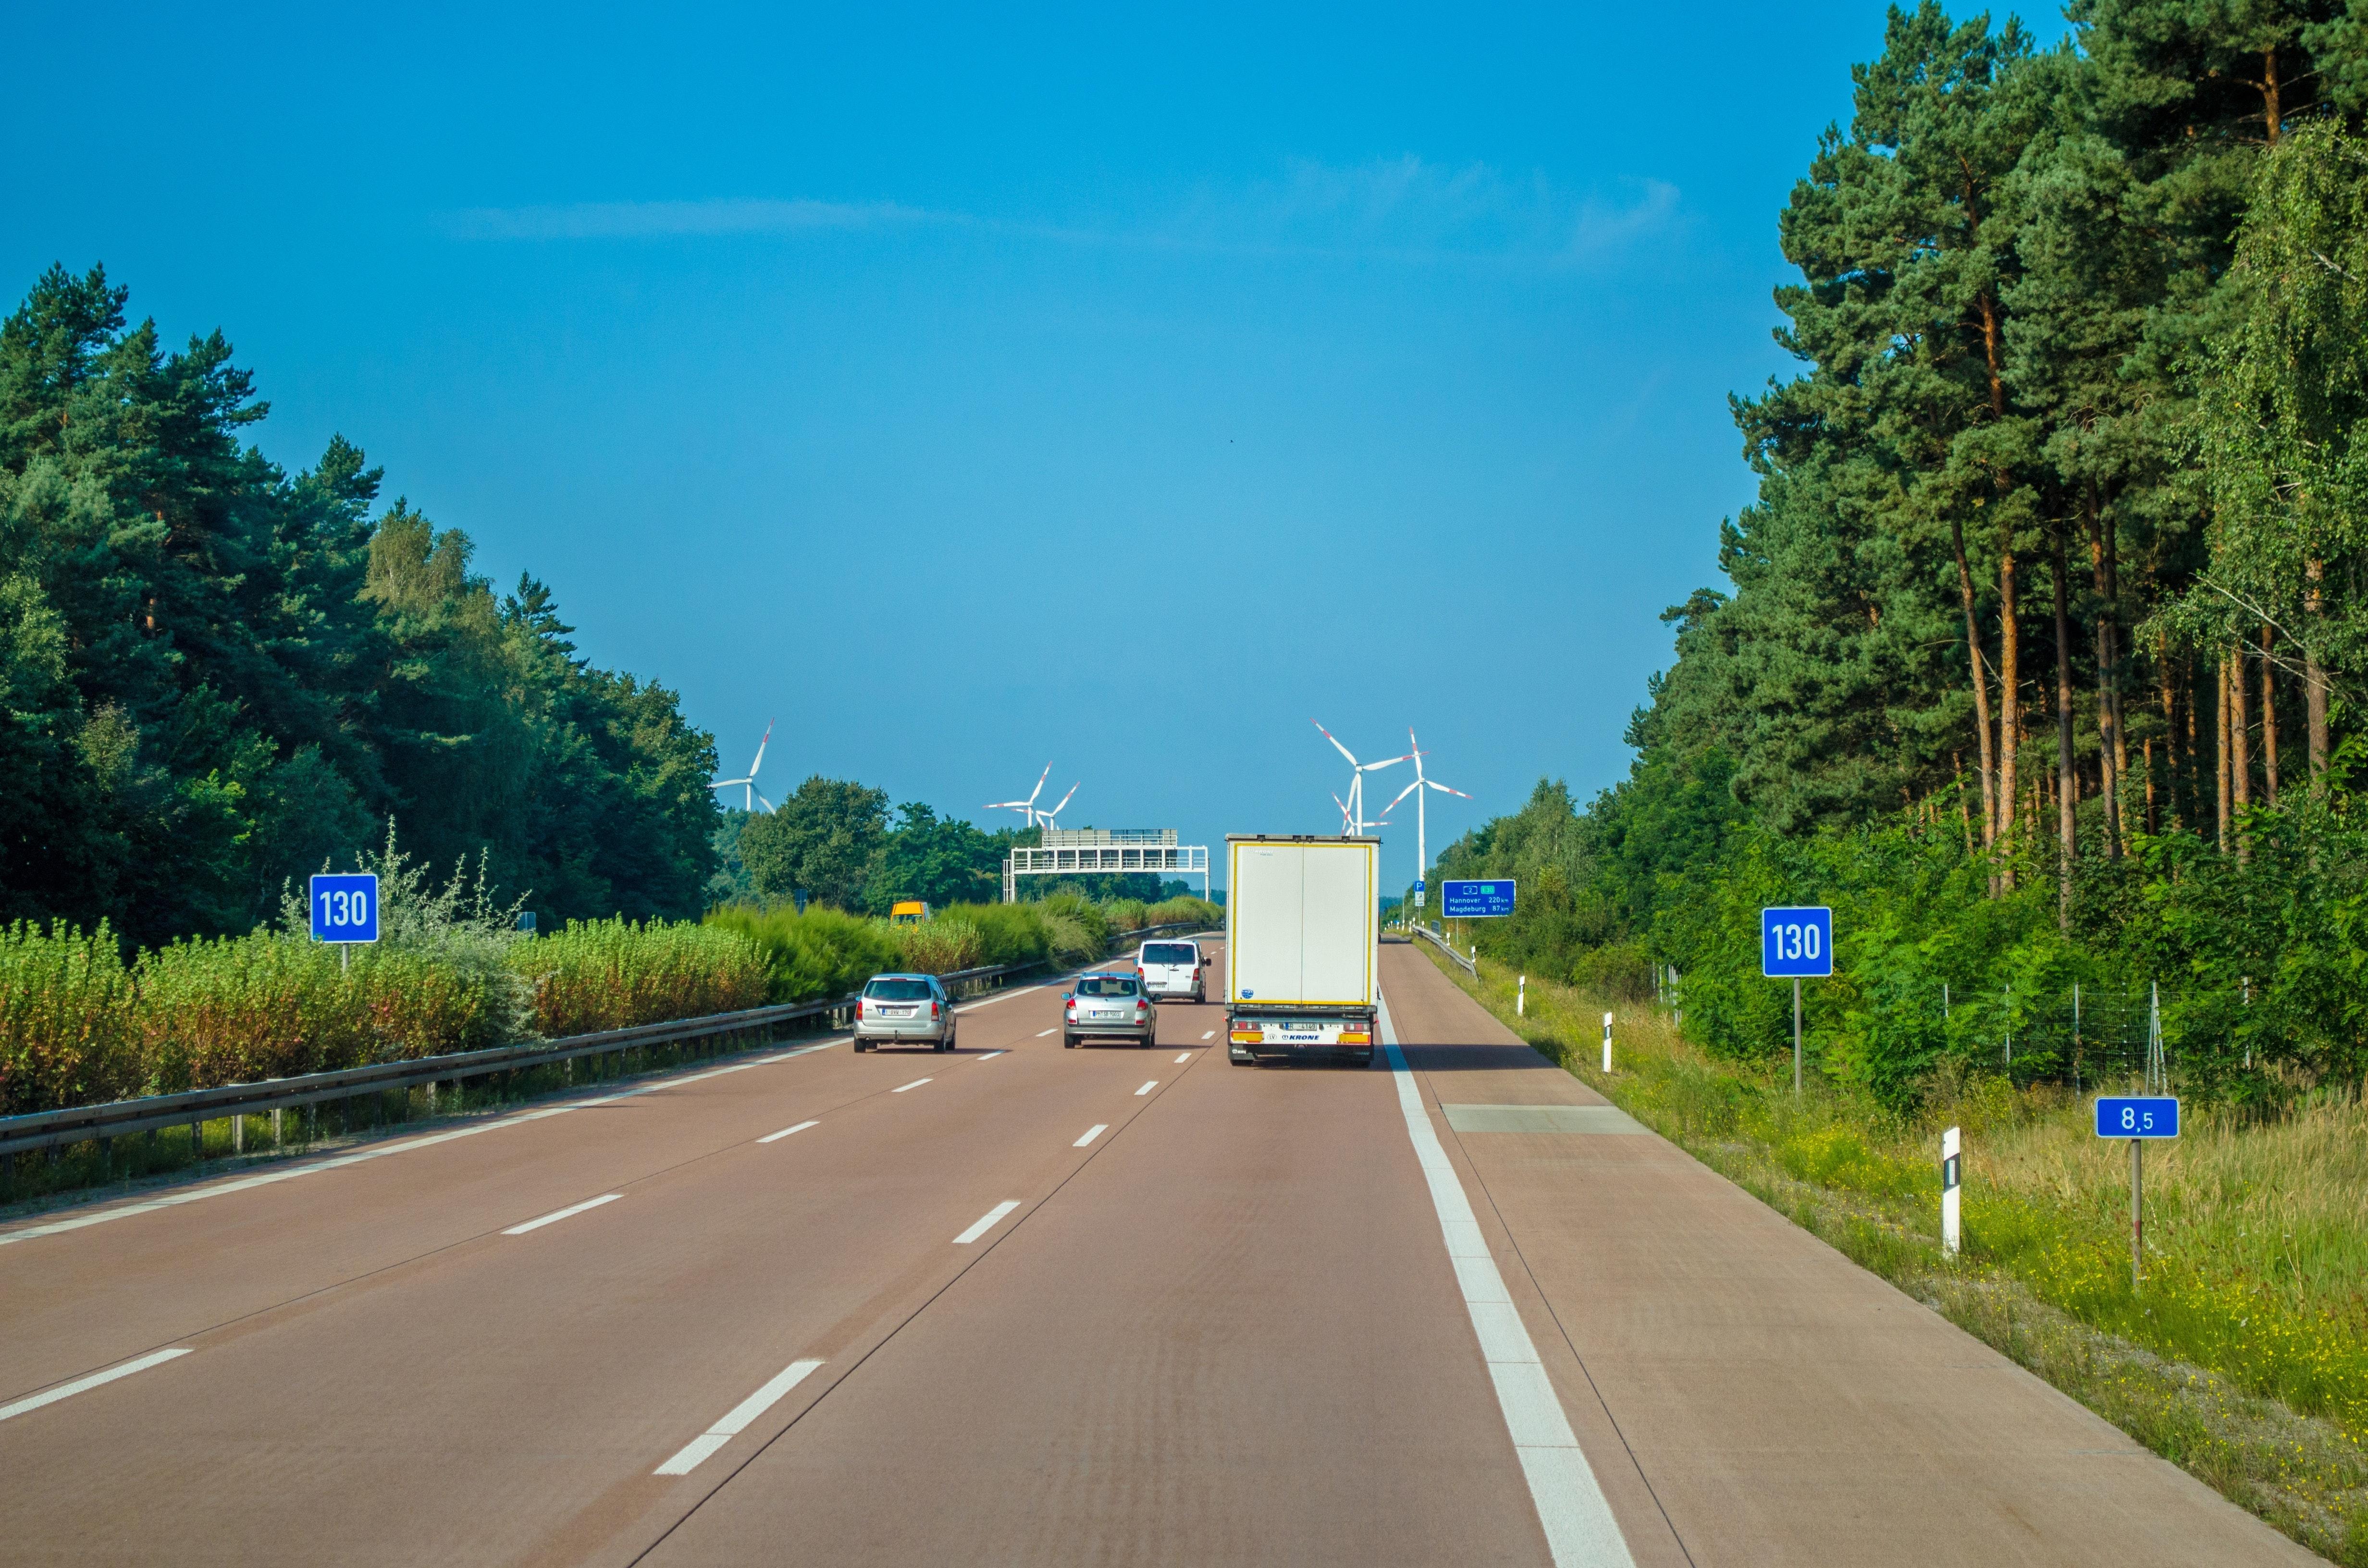 asphalt-automobile-automotive